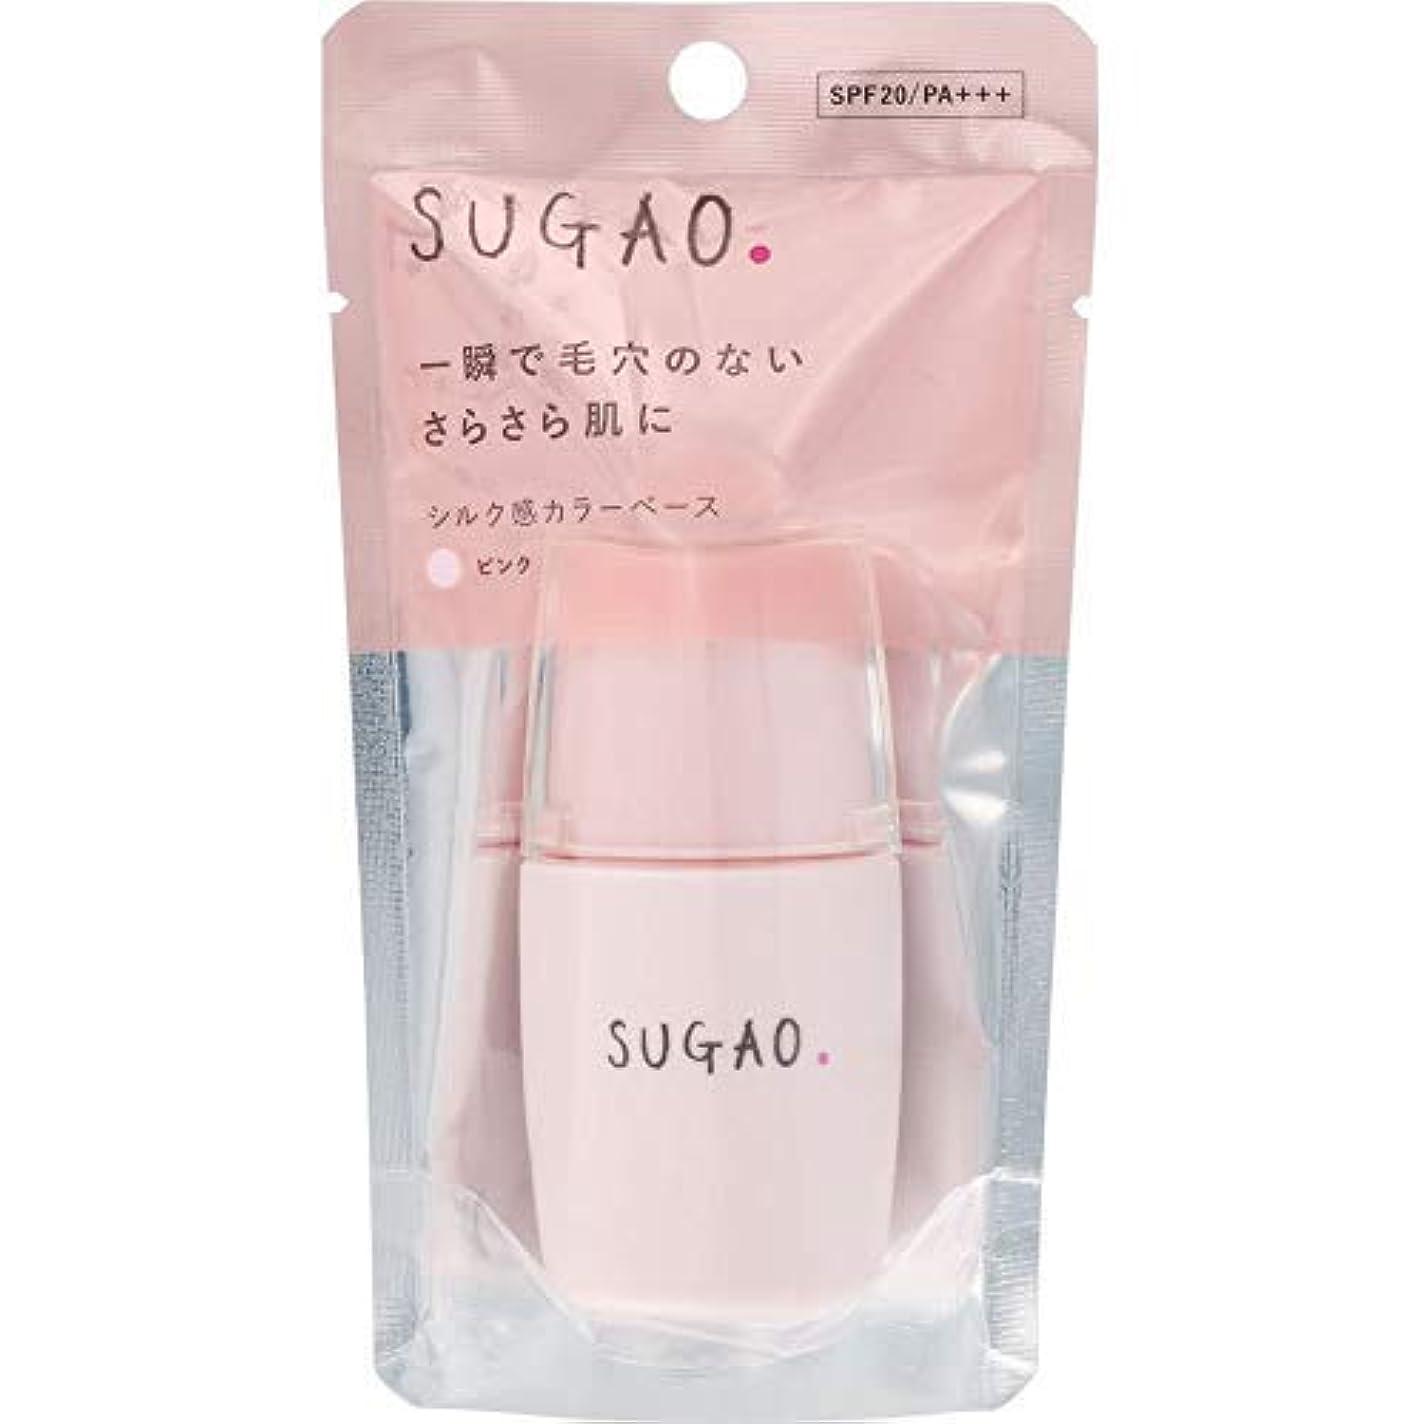 使役警告影響を受けやすいですSUGAO シルク感カラーベース ピンク × 9個セット